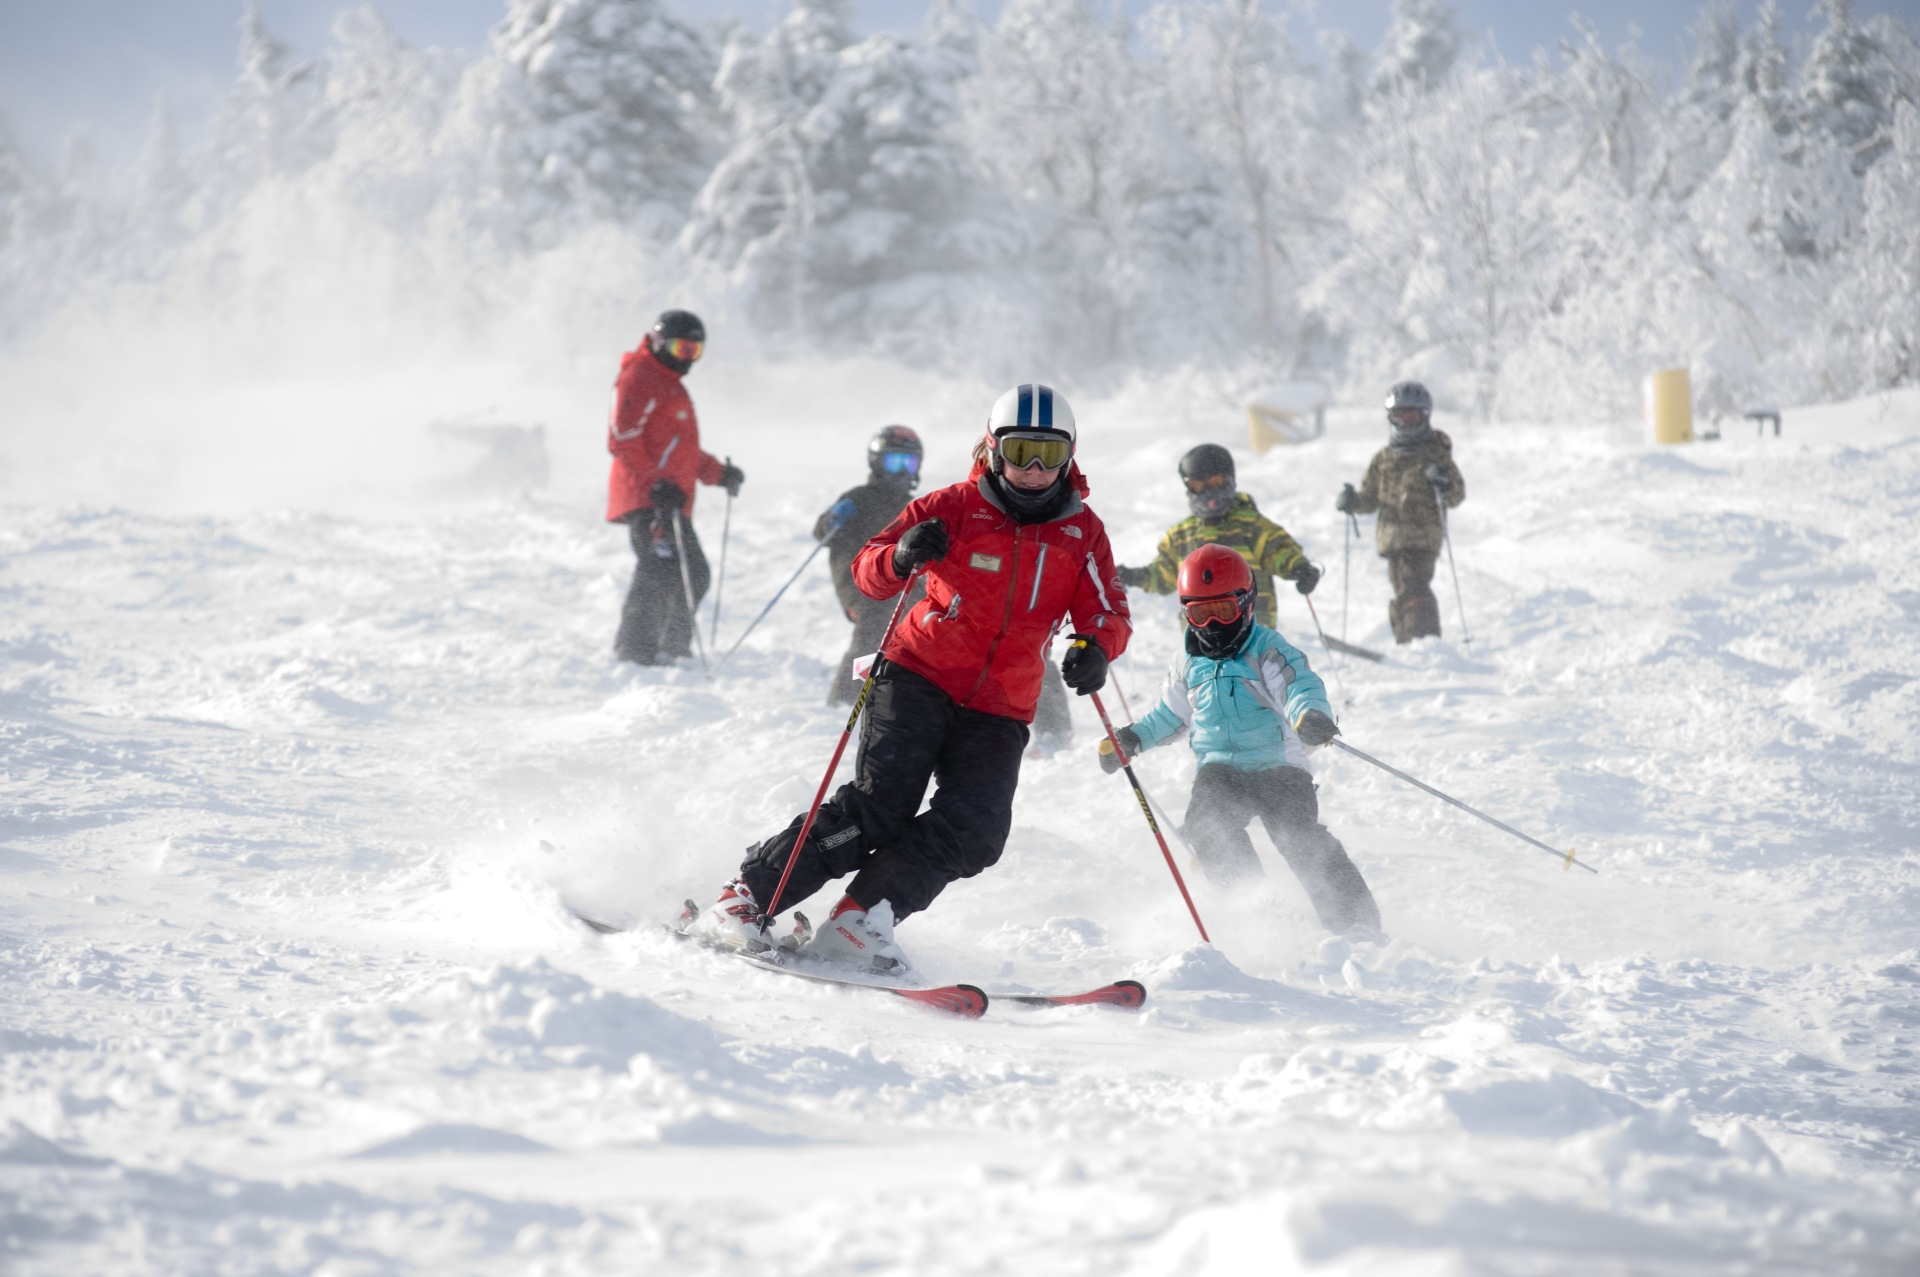 SkiSchool_©Hubert Schriebl